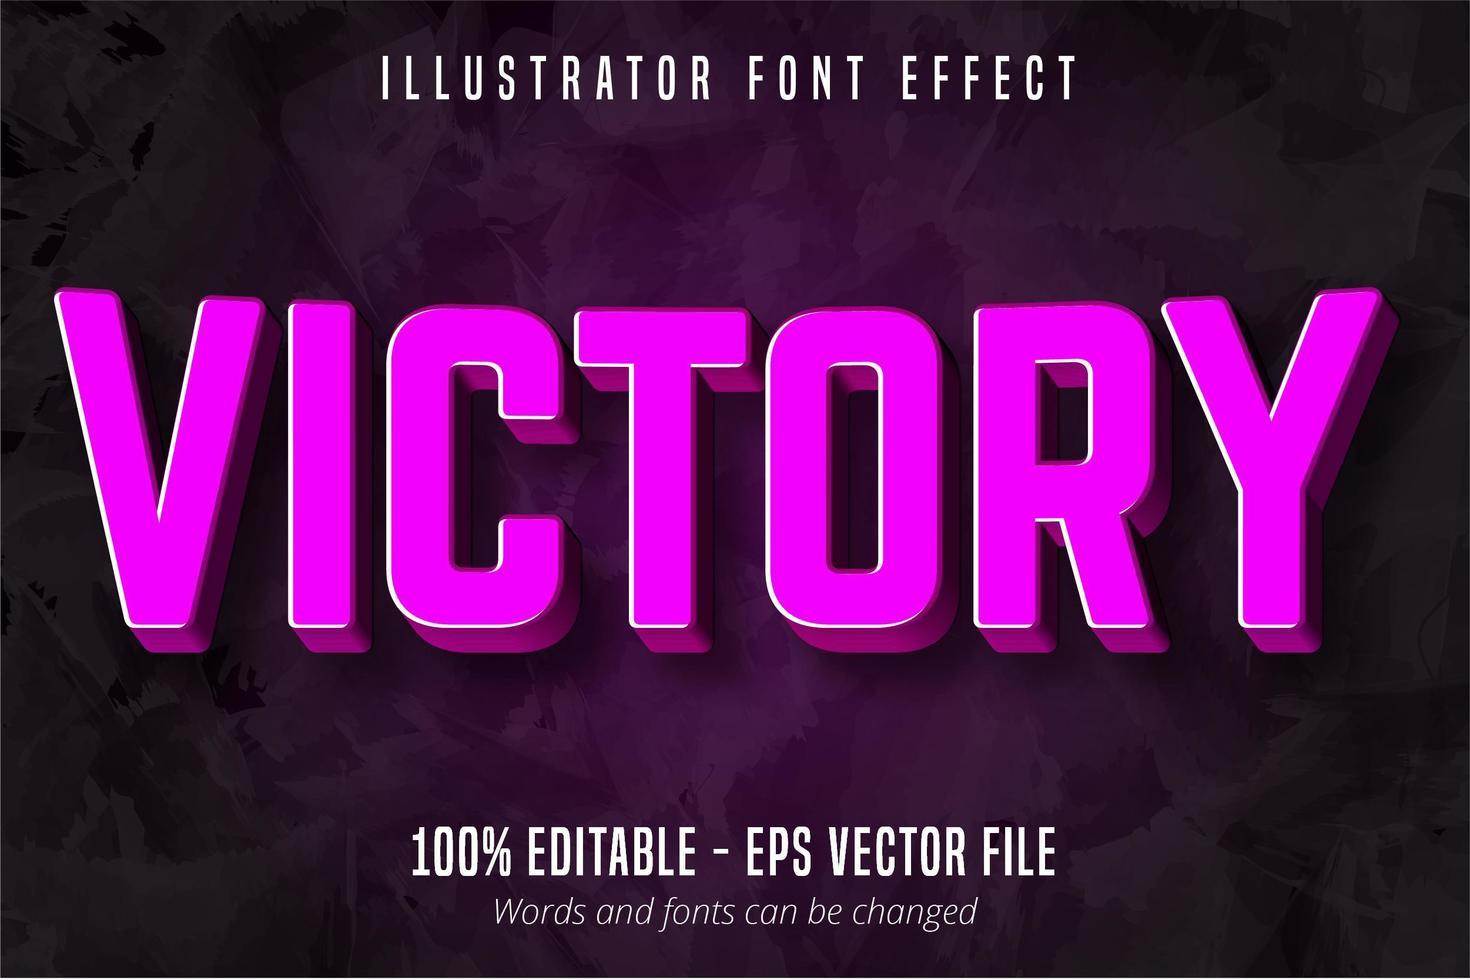 Sieg Text, 3d lila bearbeitbaren Texteffekt vektor